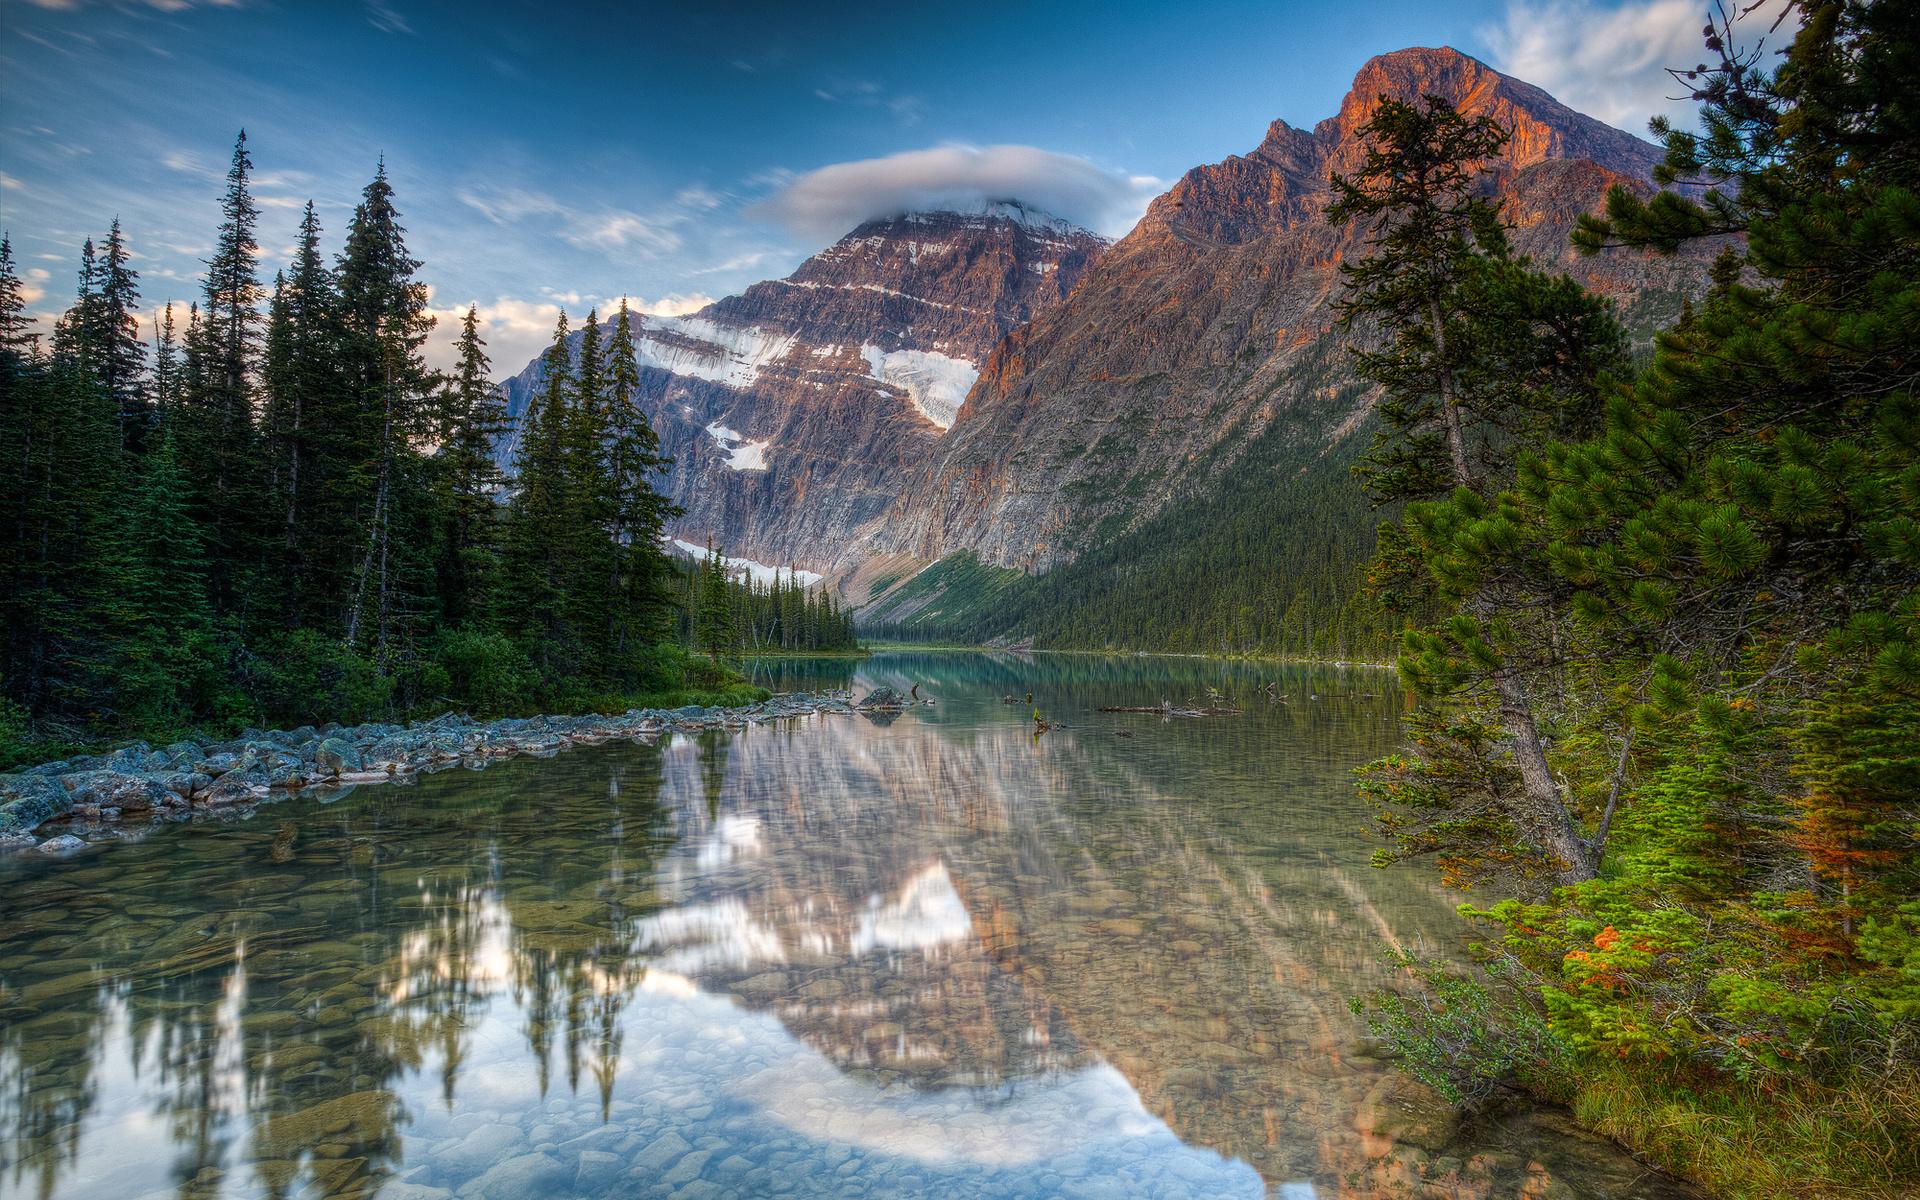 озеро кавелл, хвойный лес, камни